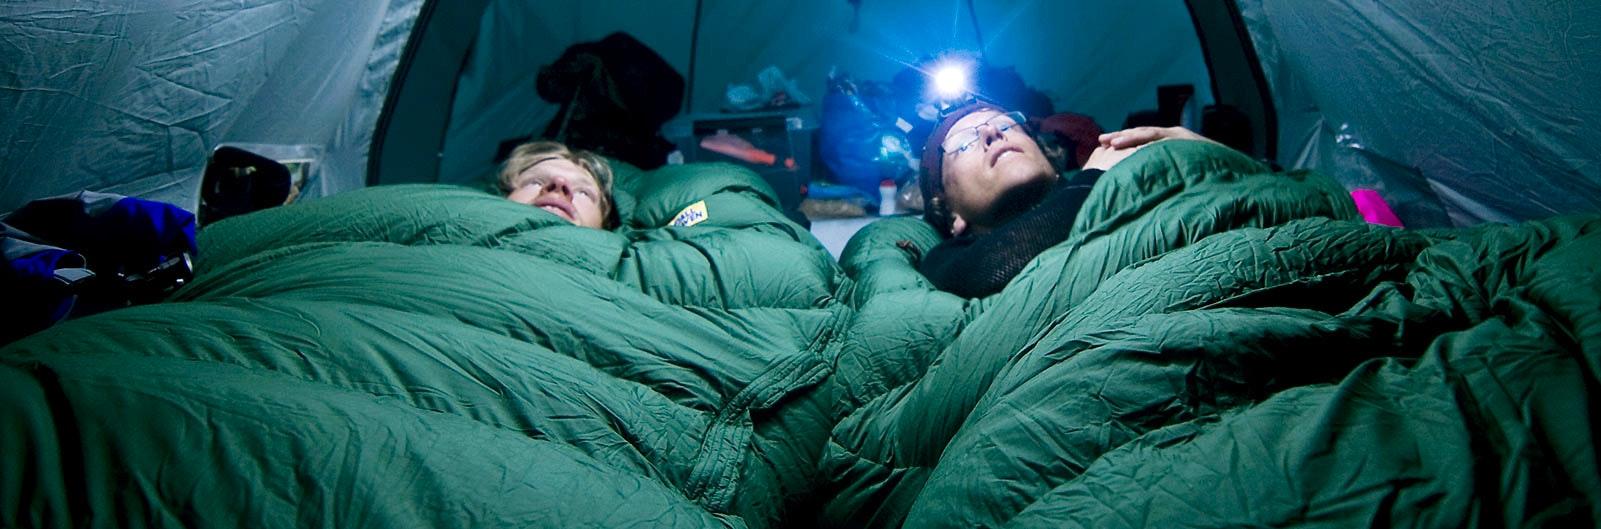 Tältare i tjocka gröna sovsäckar